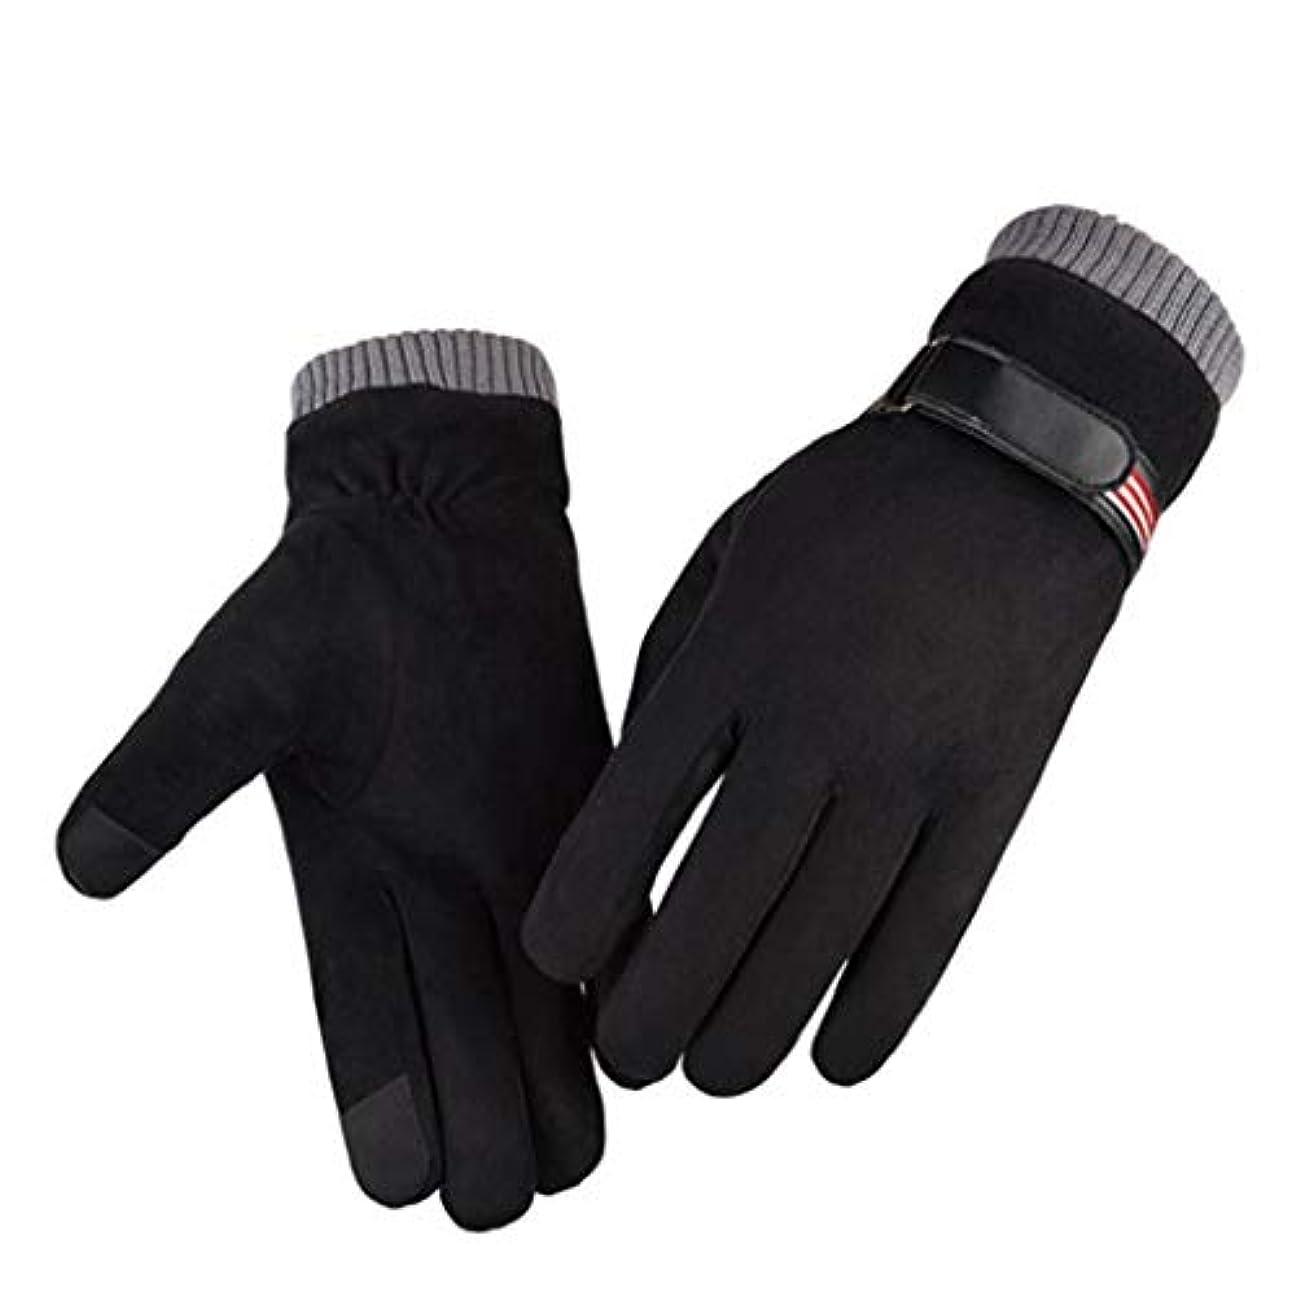 自発ラップする必要がある革手袋男性の秋と冬のファッションプラスベルベット厚い暖かい防風コールドライドアンチスキッドタッチスクリーンスエード手袋の男性